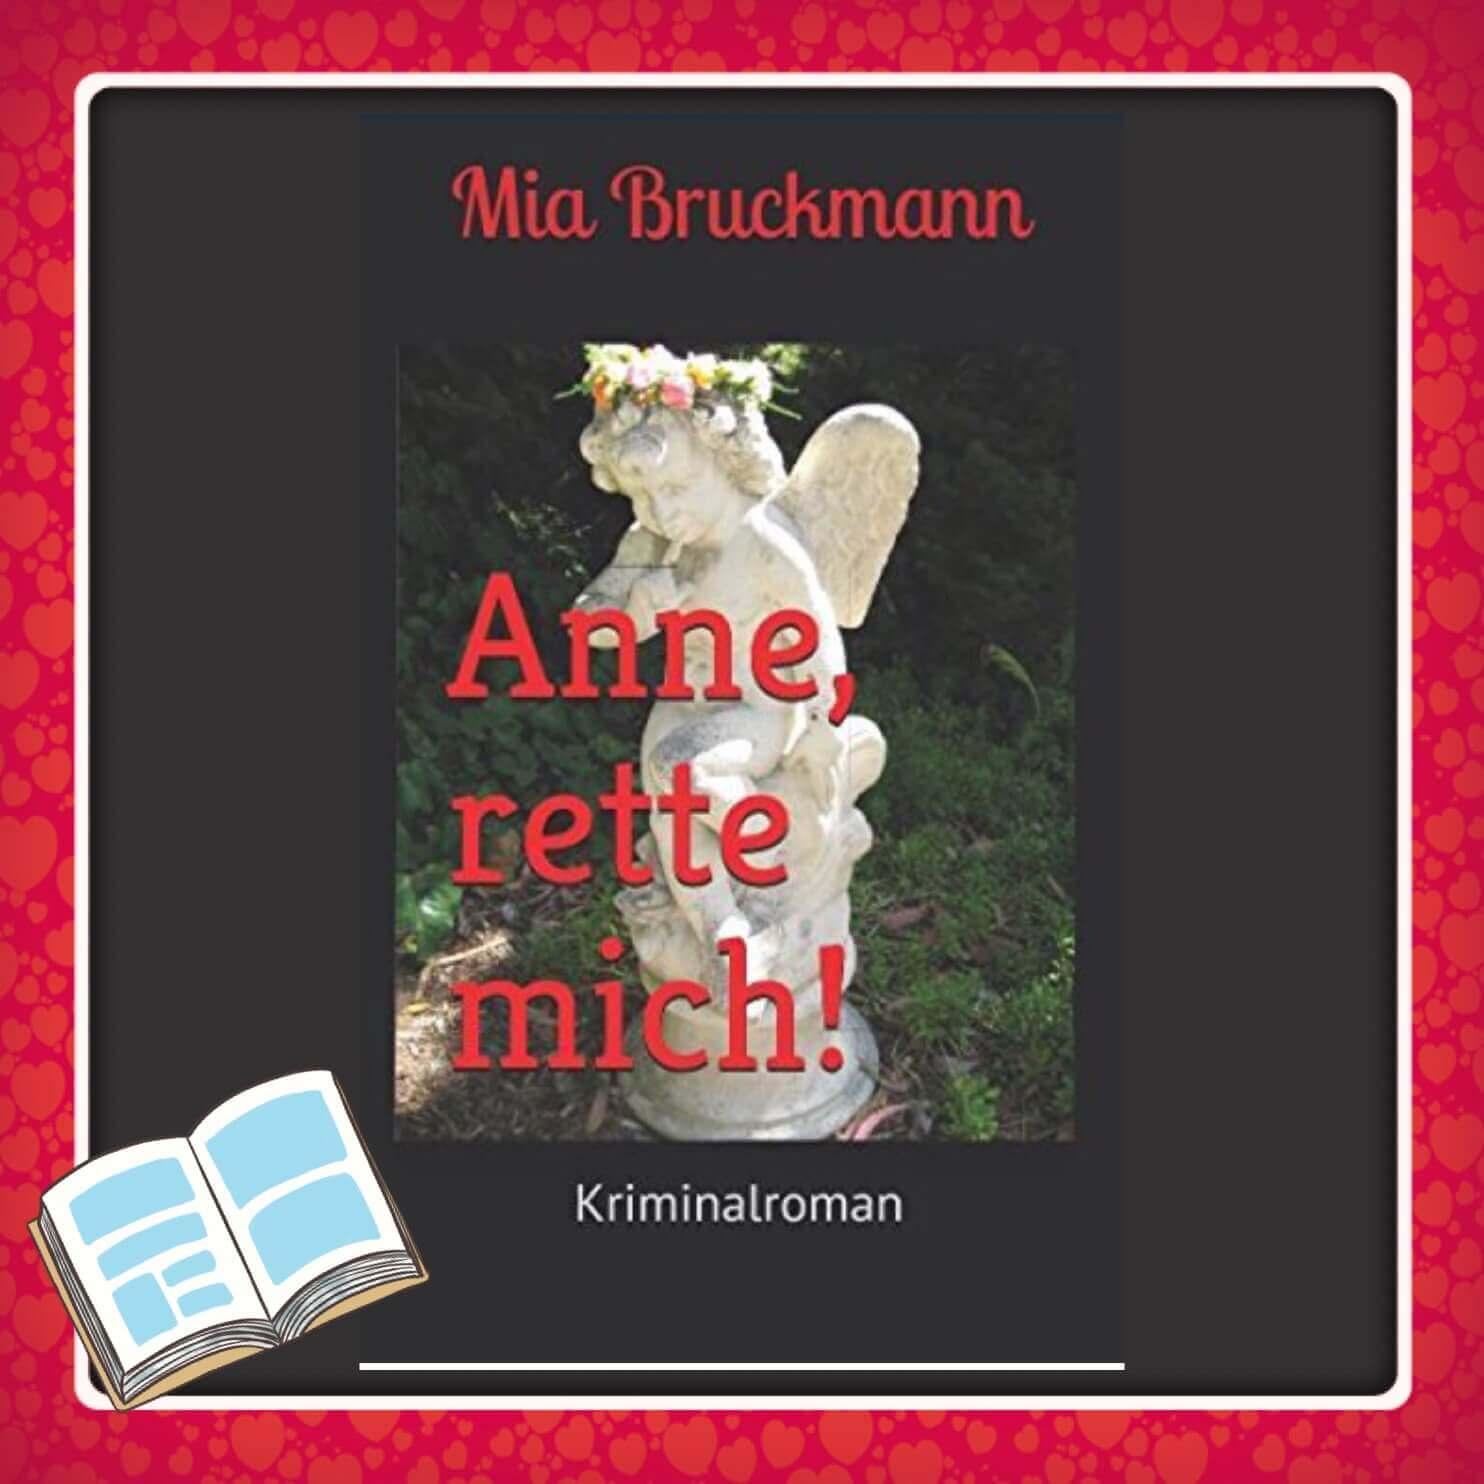 Buch-Tipp Mia Bruckmann - Anne rette mich